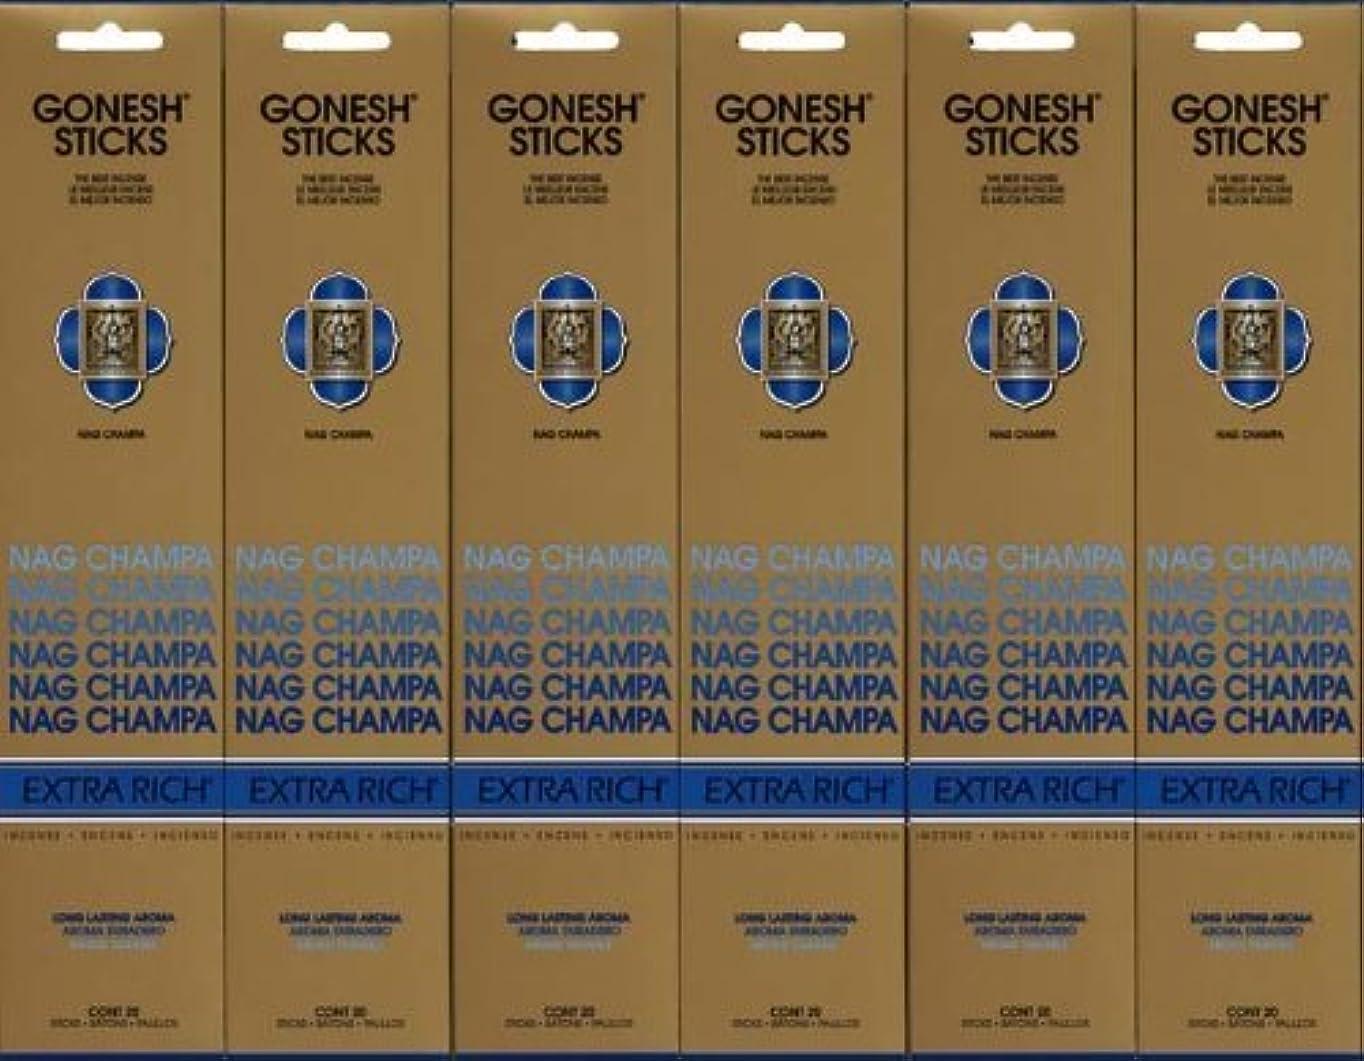 開発送った主人GONESH NAG CHAMPA ナグチャンパ スティック 20本入り X 6パック (120本)